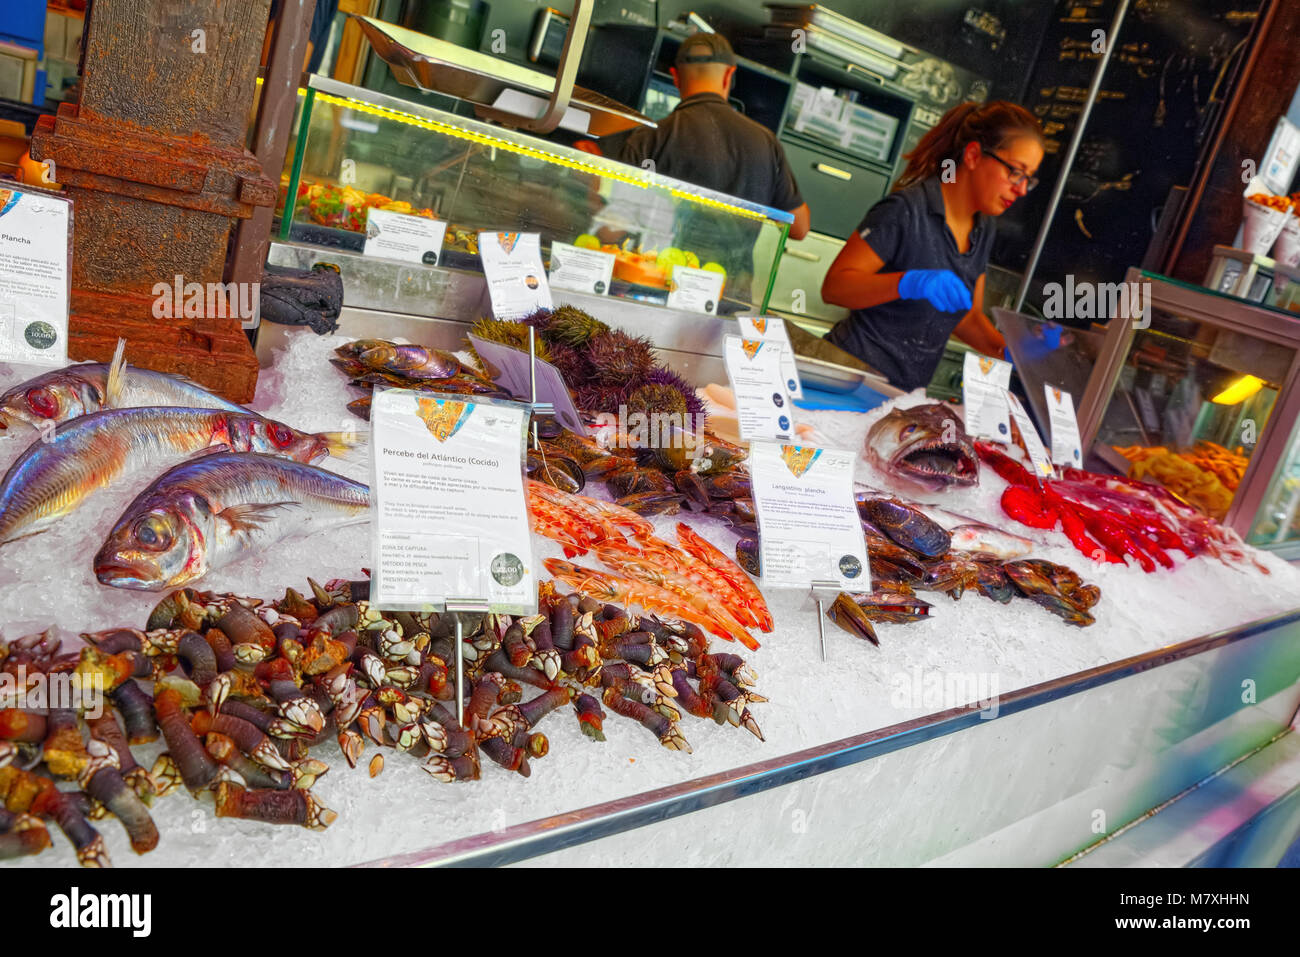 Madrid, Espagne - Juin 05, 2017: Intérieur du marché de San Miguel (Espagnol: Mercado de San Miguel) est un marché couvert situé à Madrid, Espagne. Originall Banque D'Images